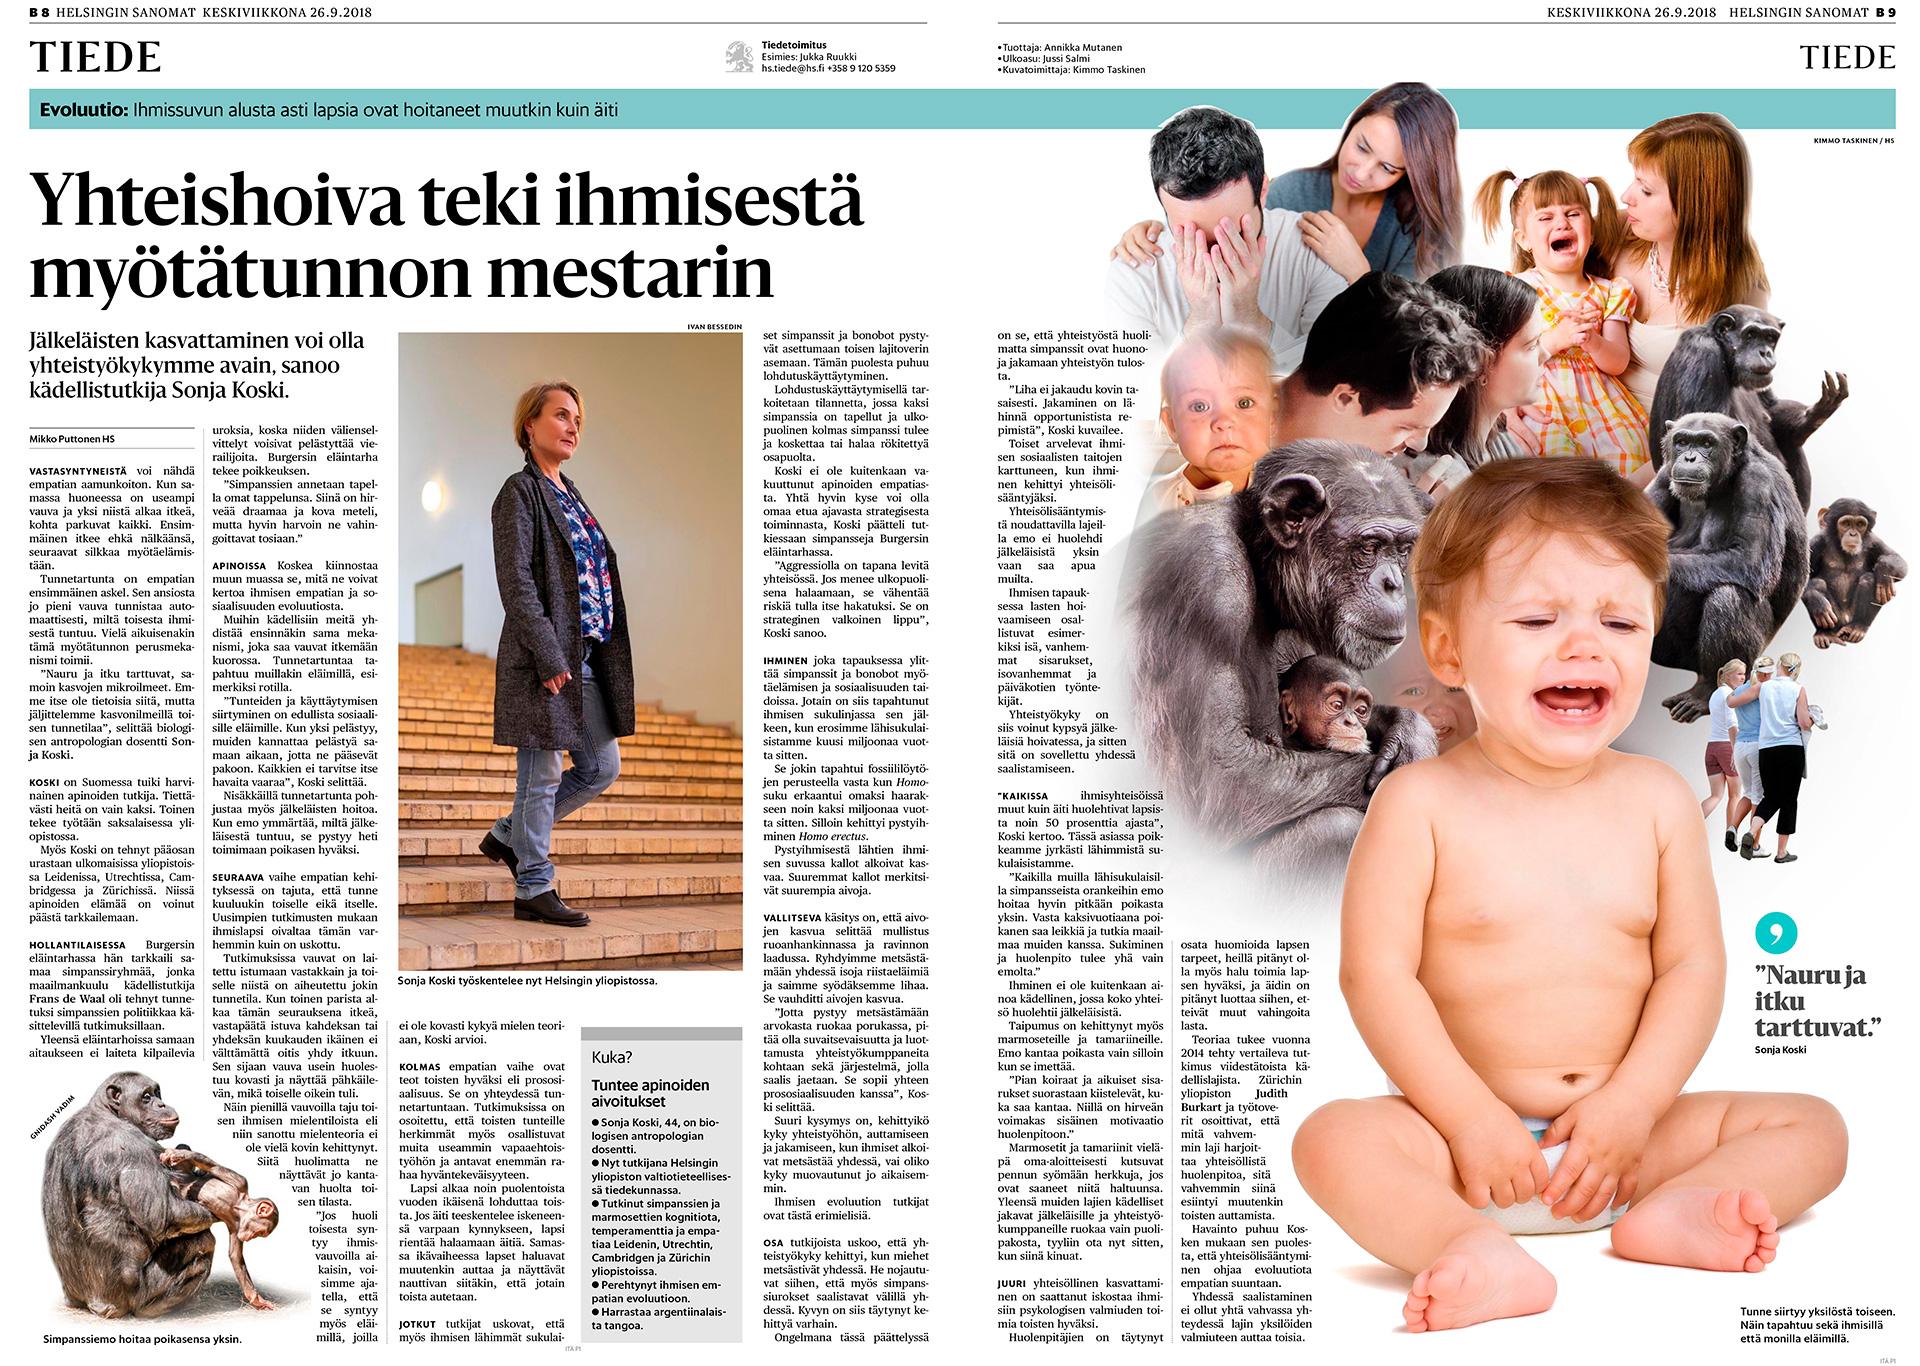 Helsingin Sanomat, Sonja Koski kädellistutkija, 2018